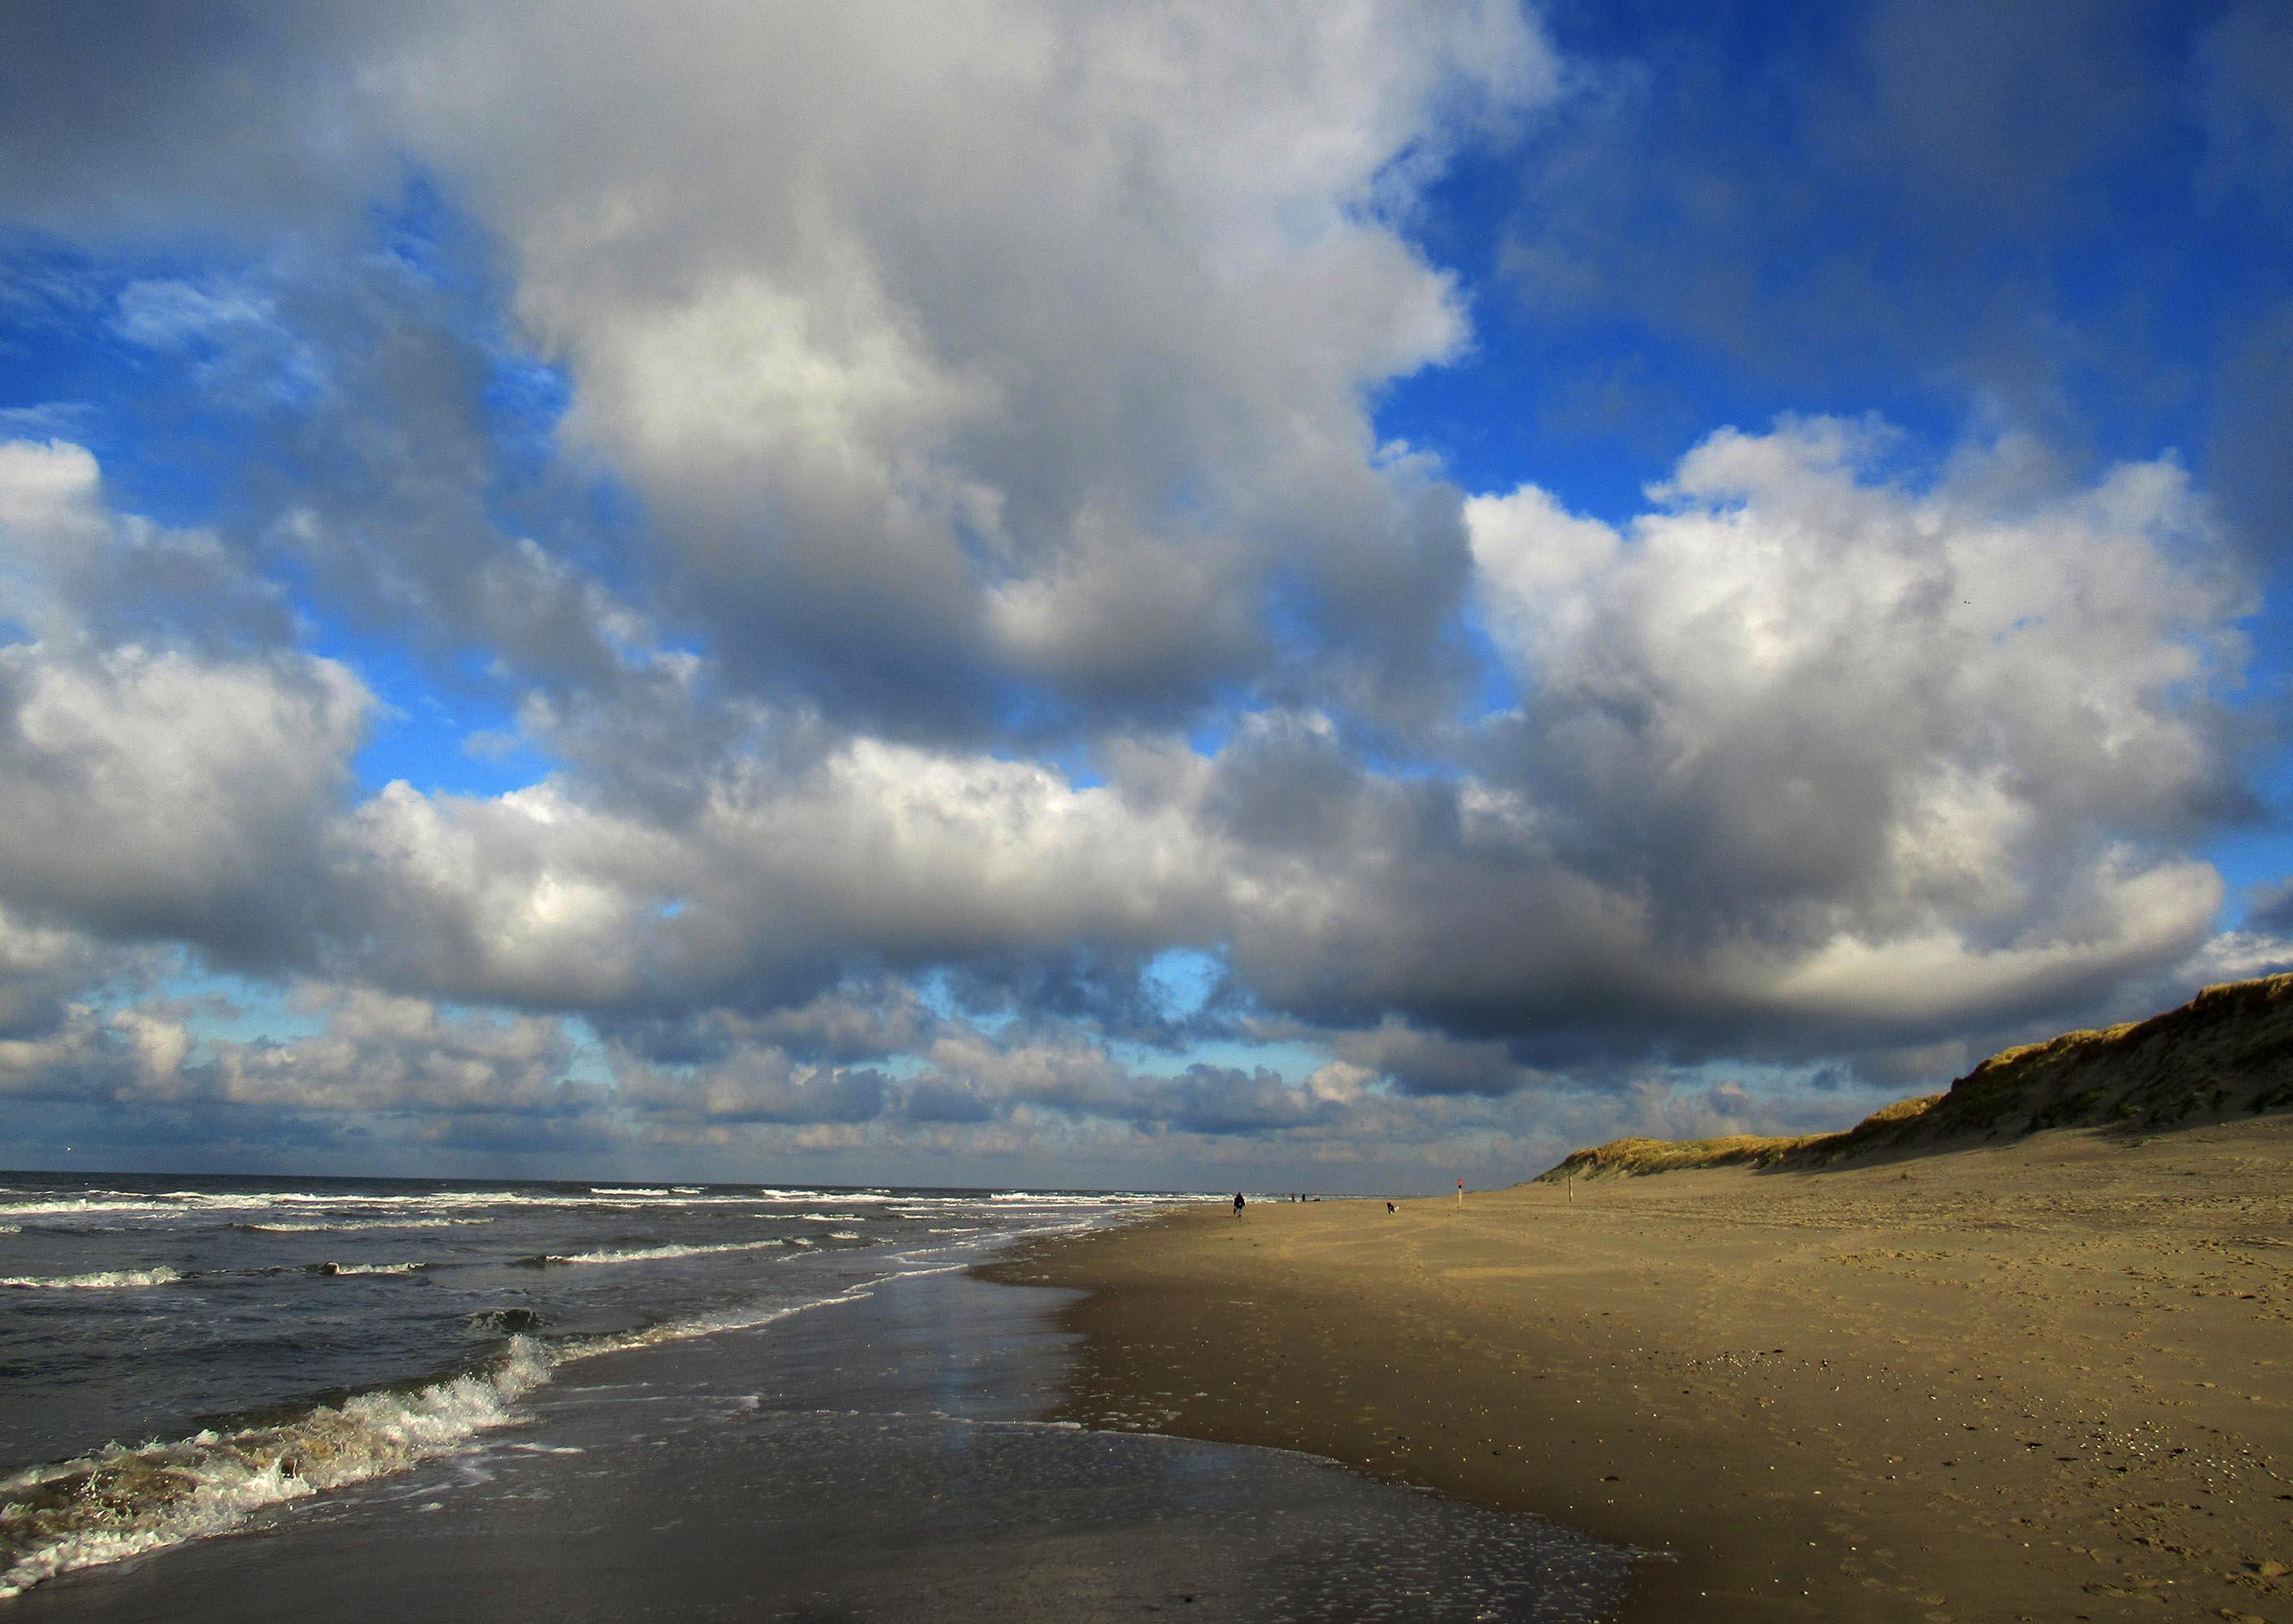 Prachtige wolkenpartijen op het strand bij Paal 9 – Foto: ©Louis Fraanje